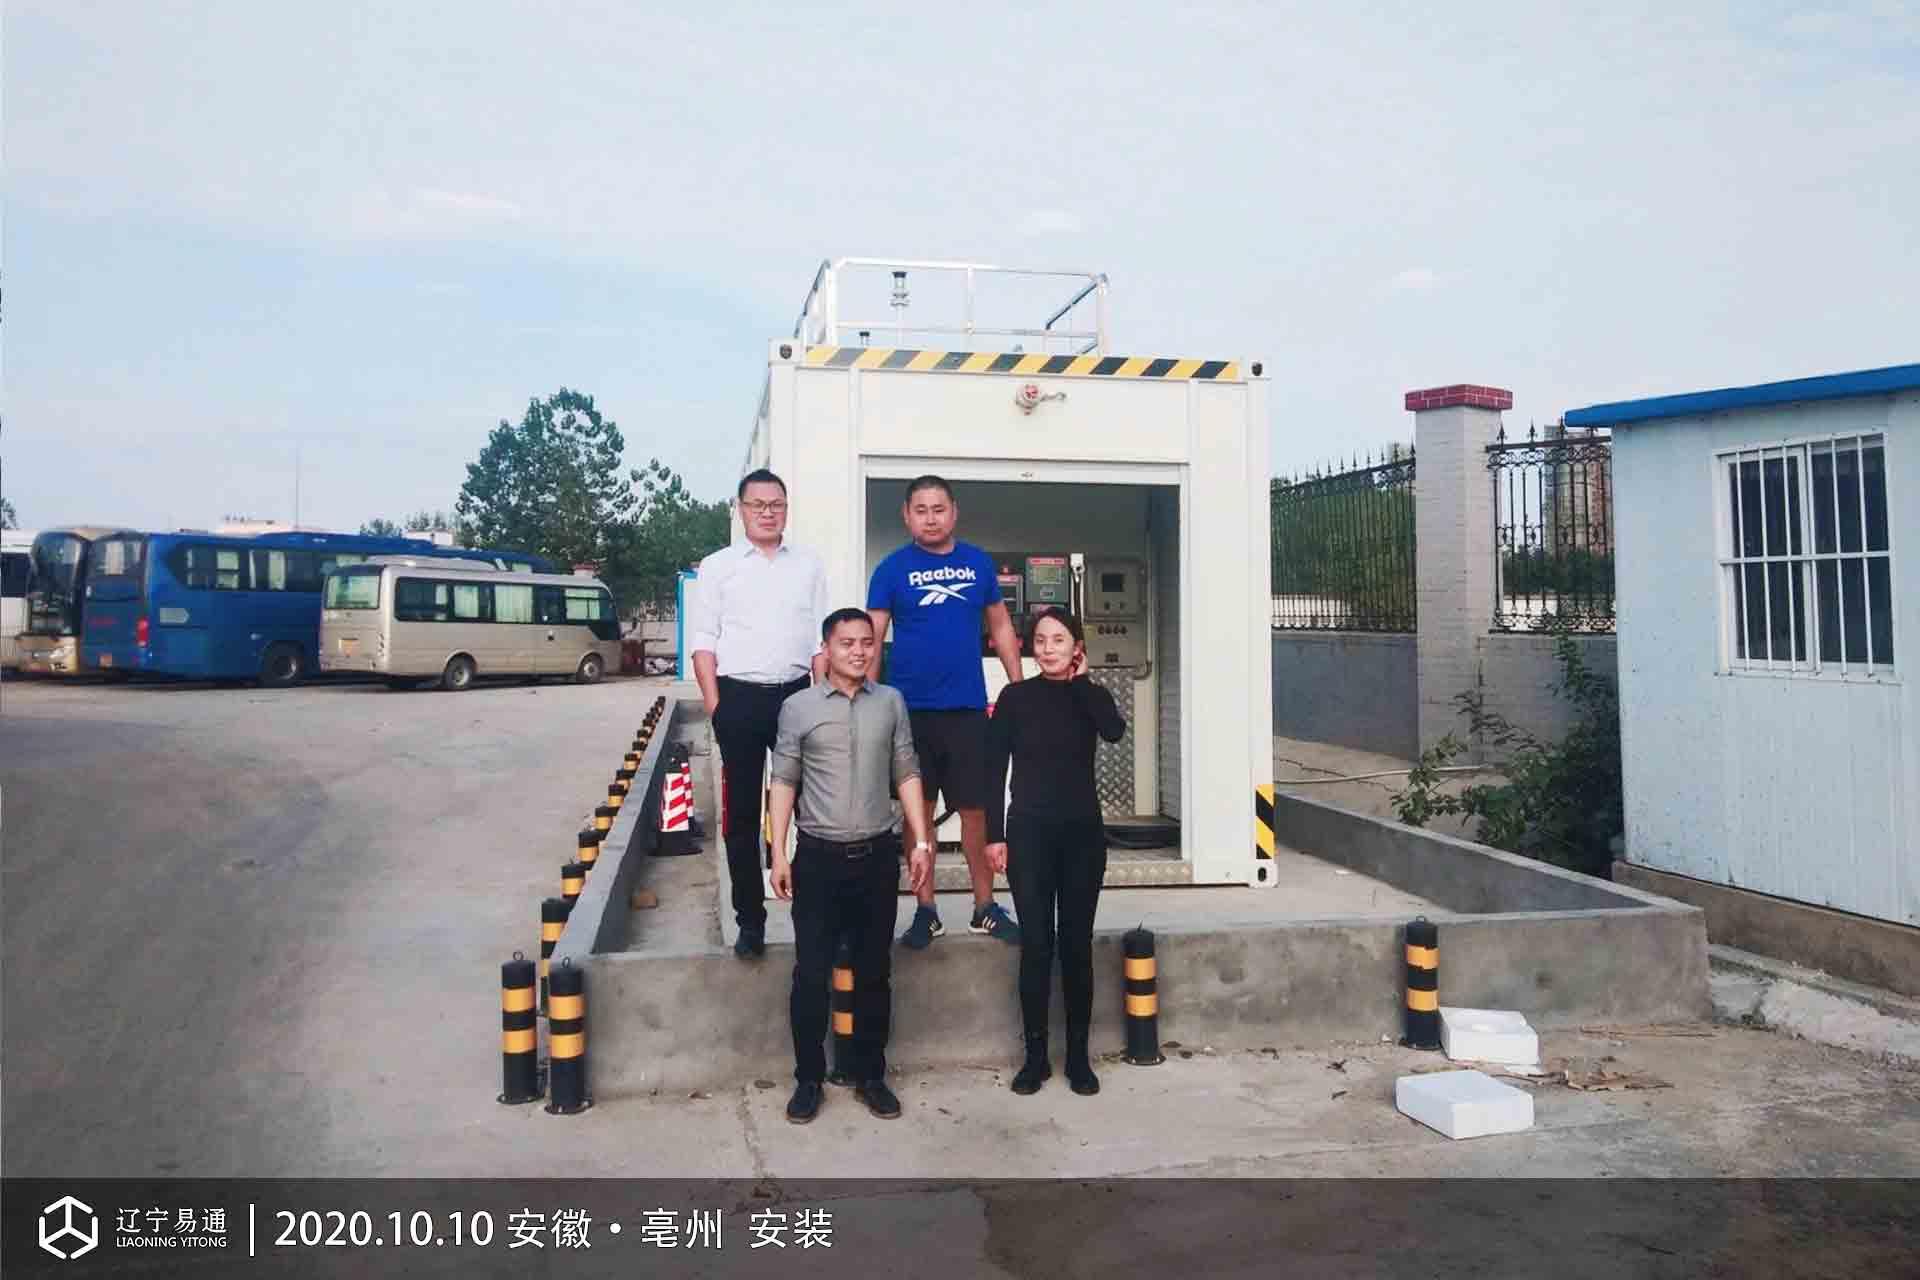 2020年10月10日 安徽亳州  利辛客运中心 50立方 撬装式加油装置 安装调试完毕